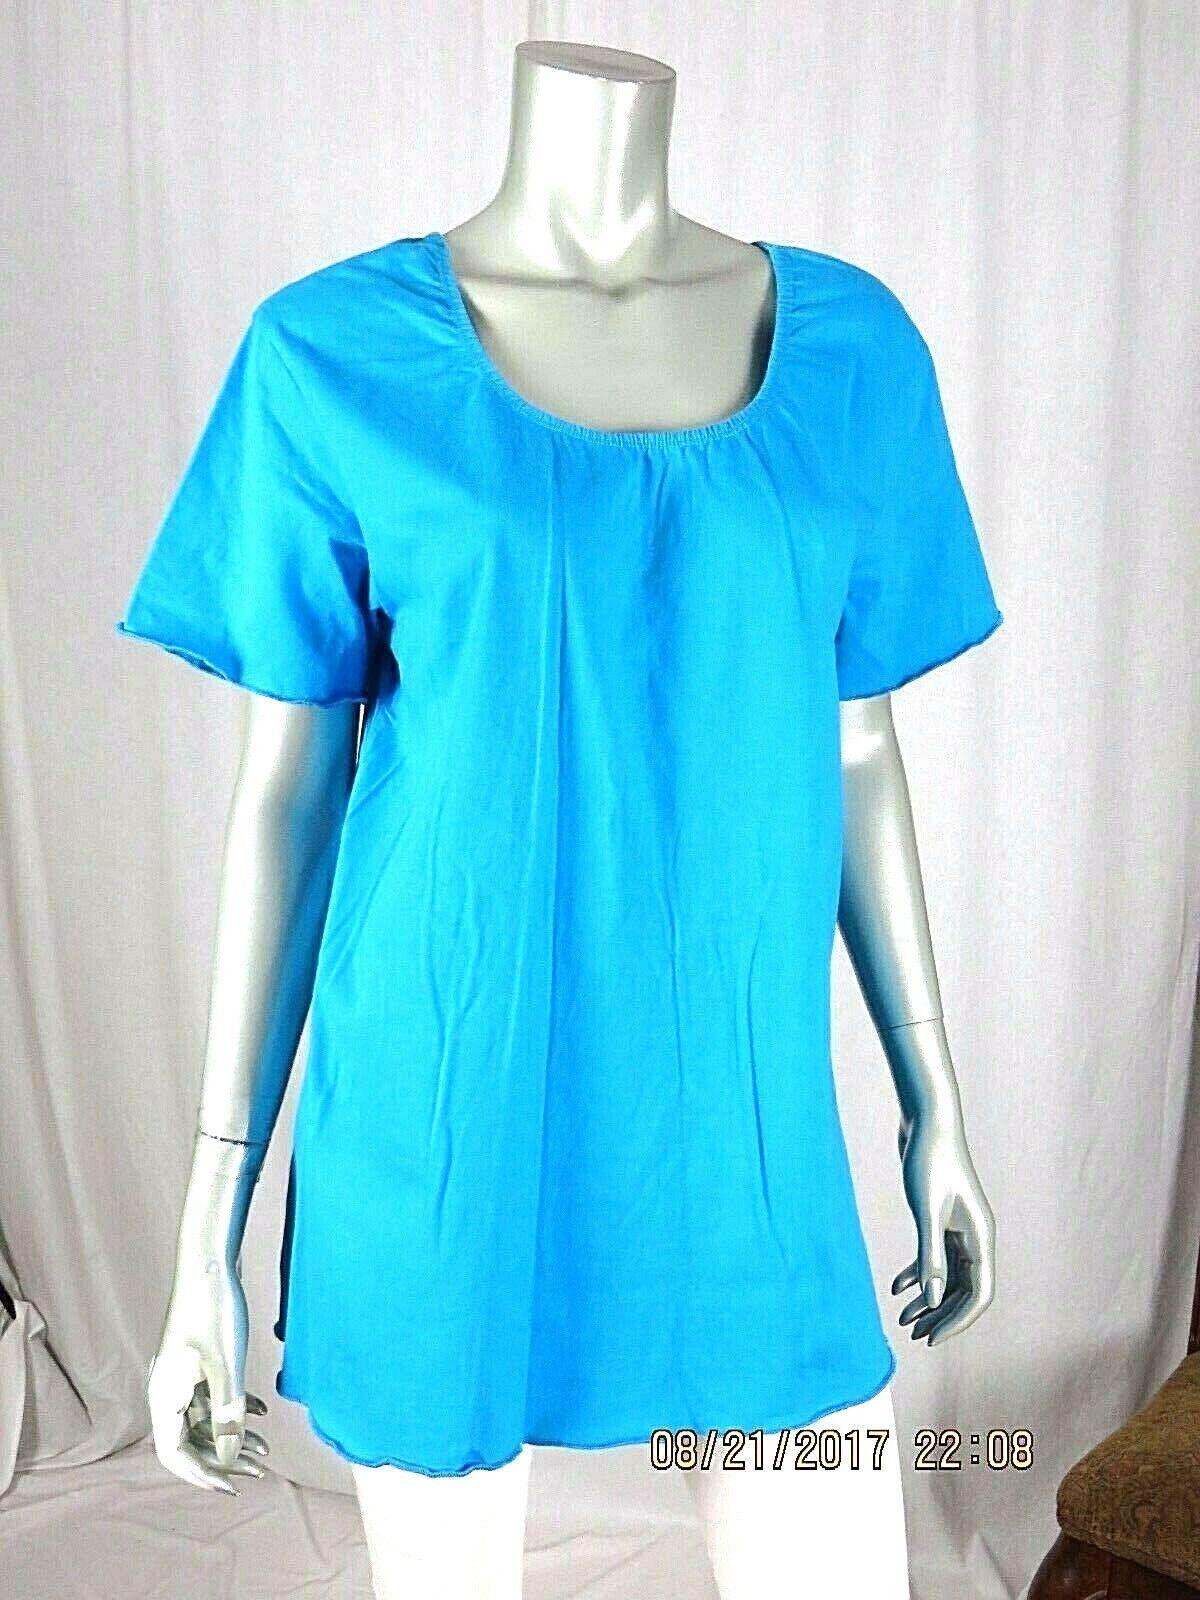 VENEZIA VITALE SZ L 100% Cotton Turquoise Blue Ru… - image 3